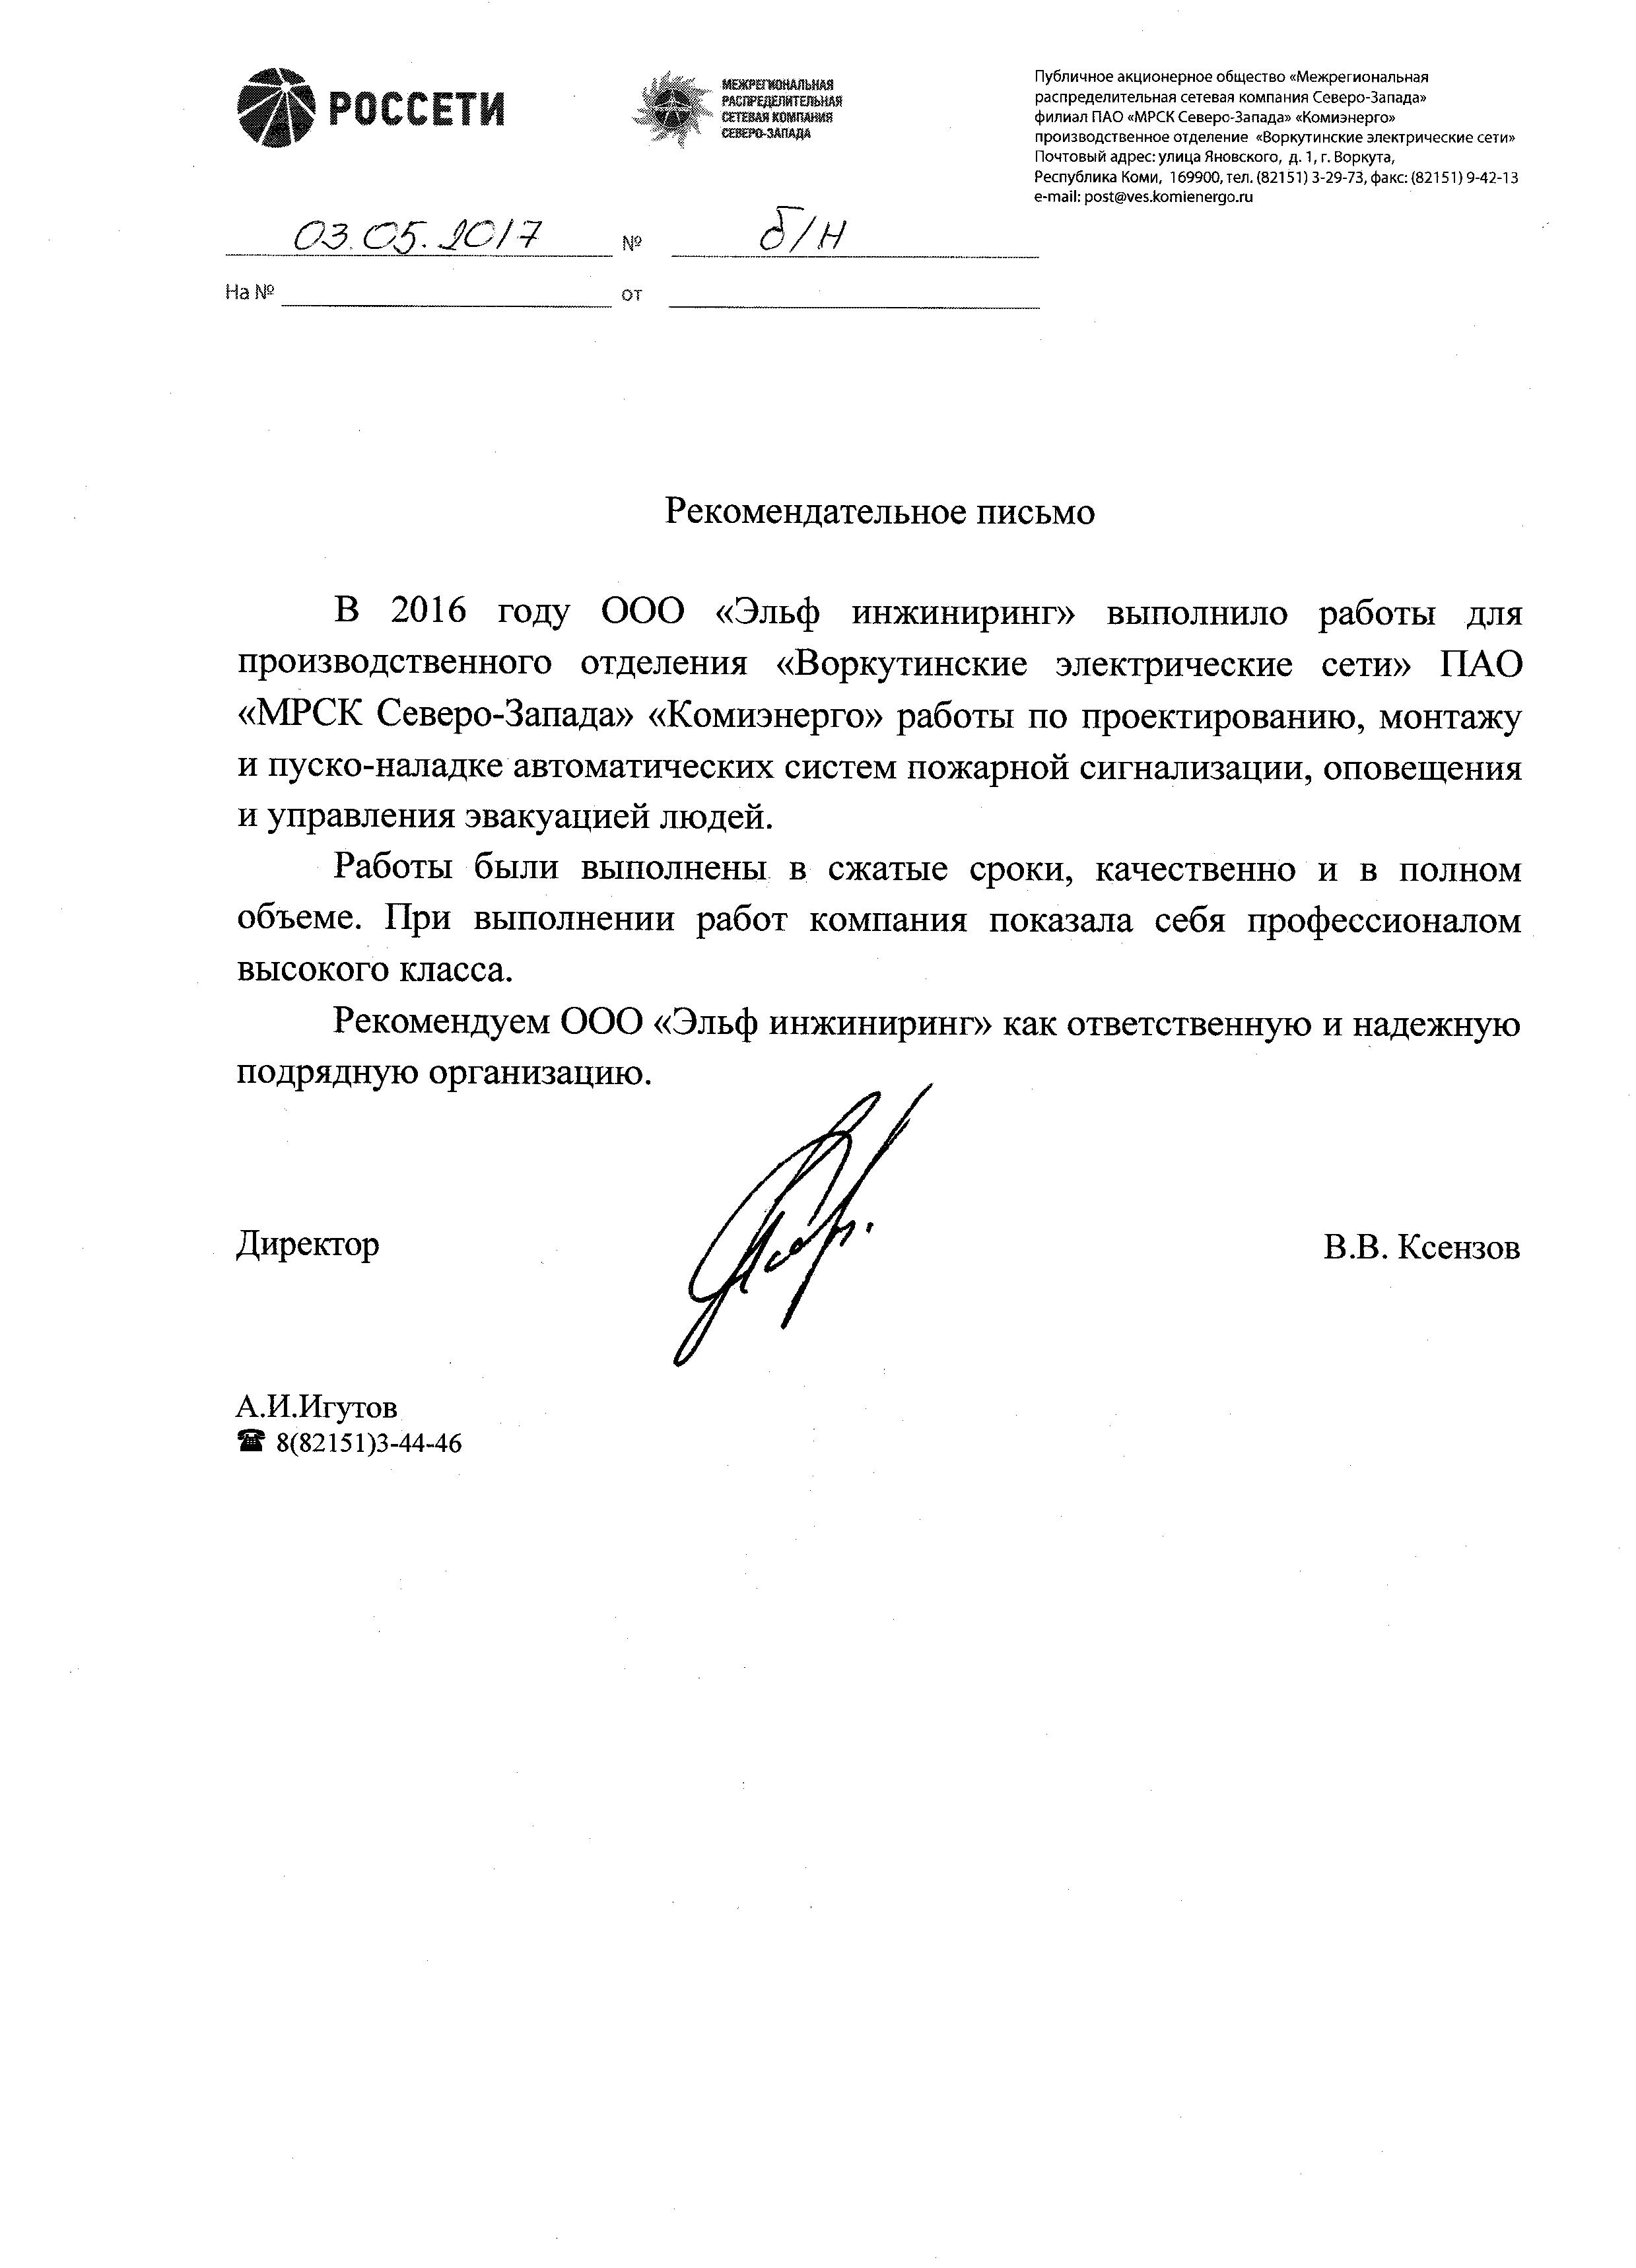 Воркутинские электрические сети